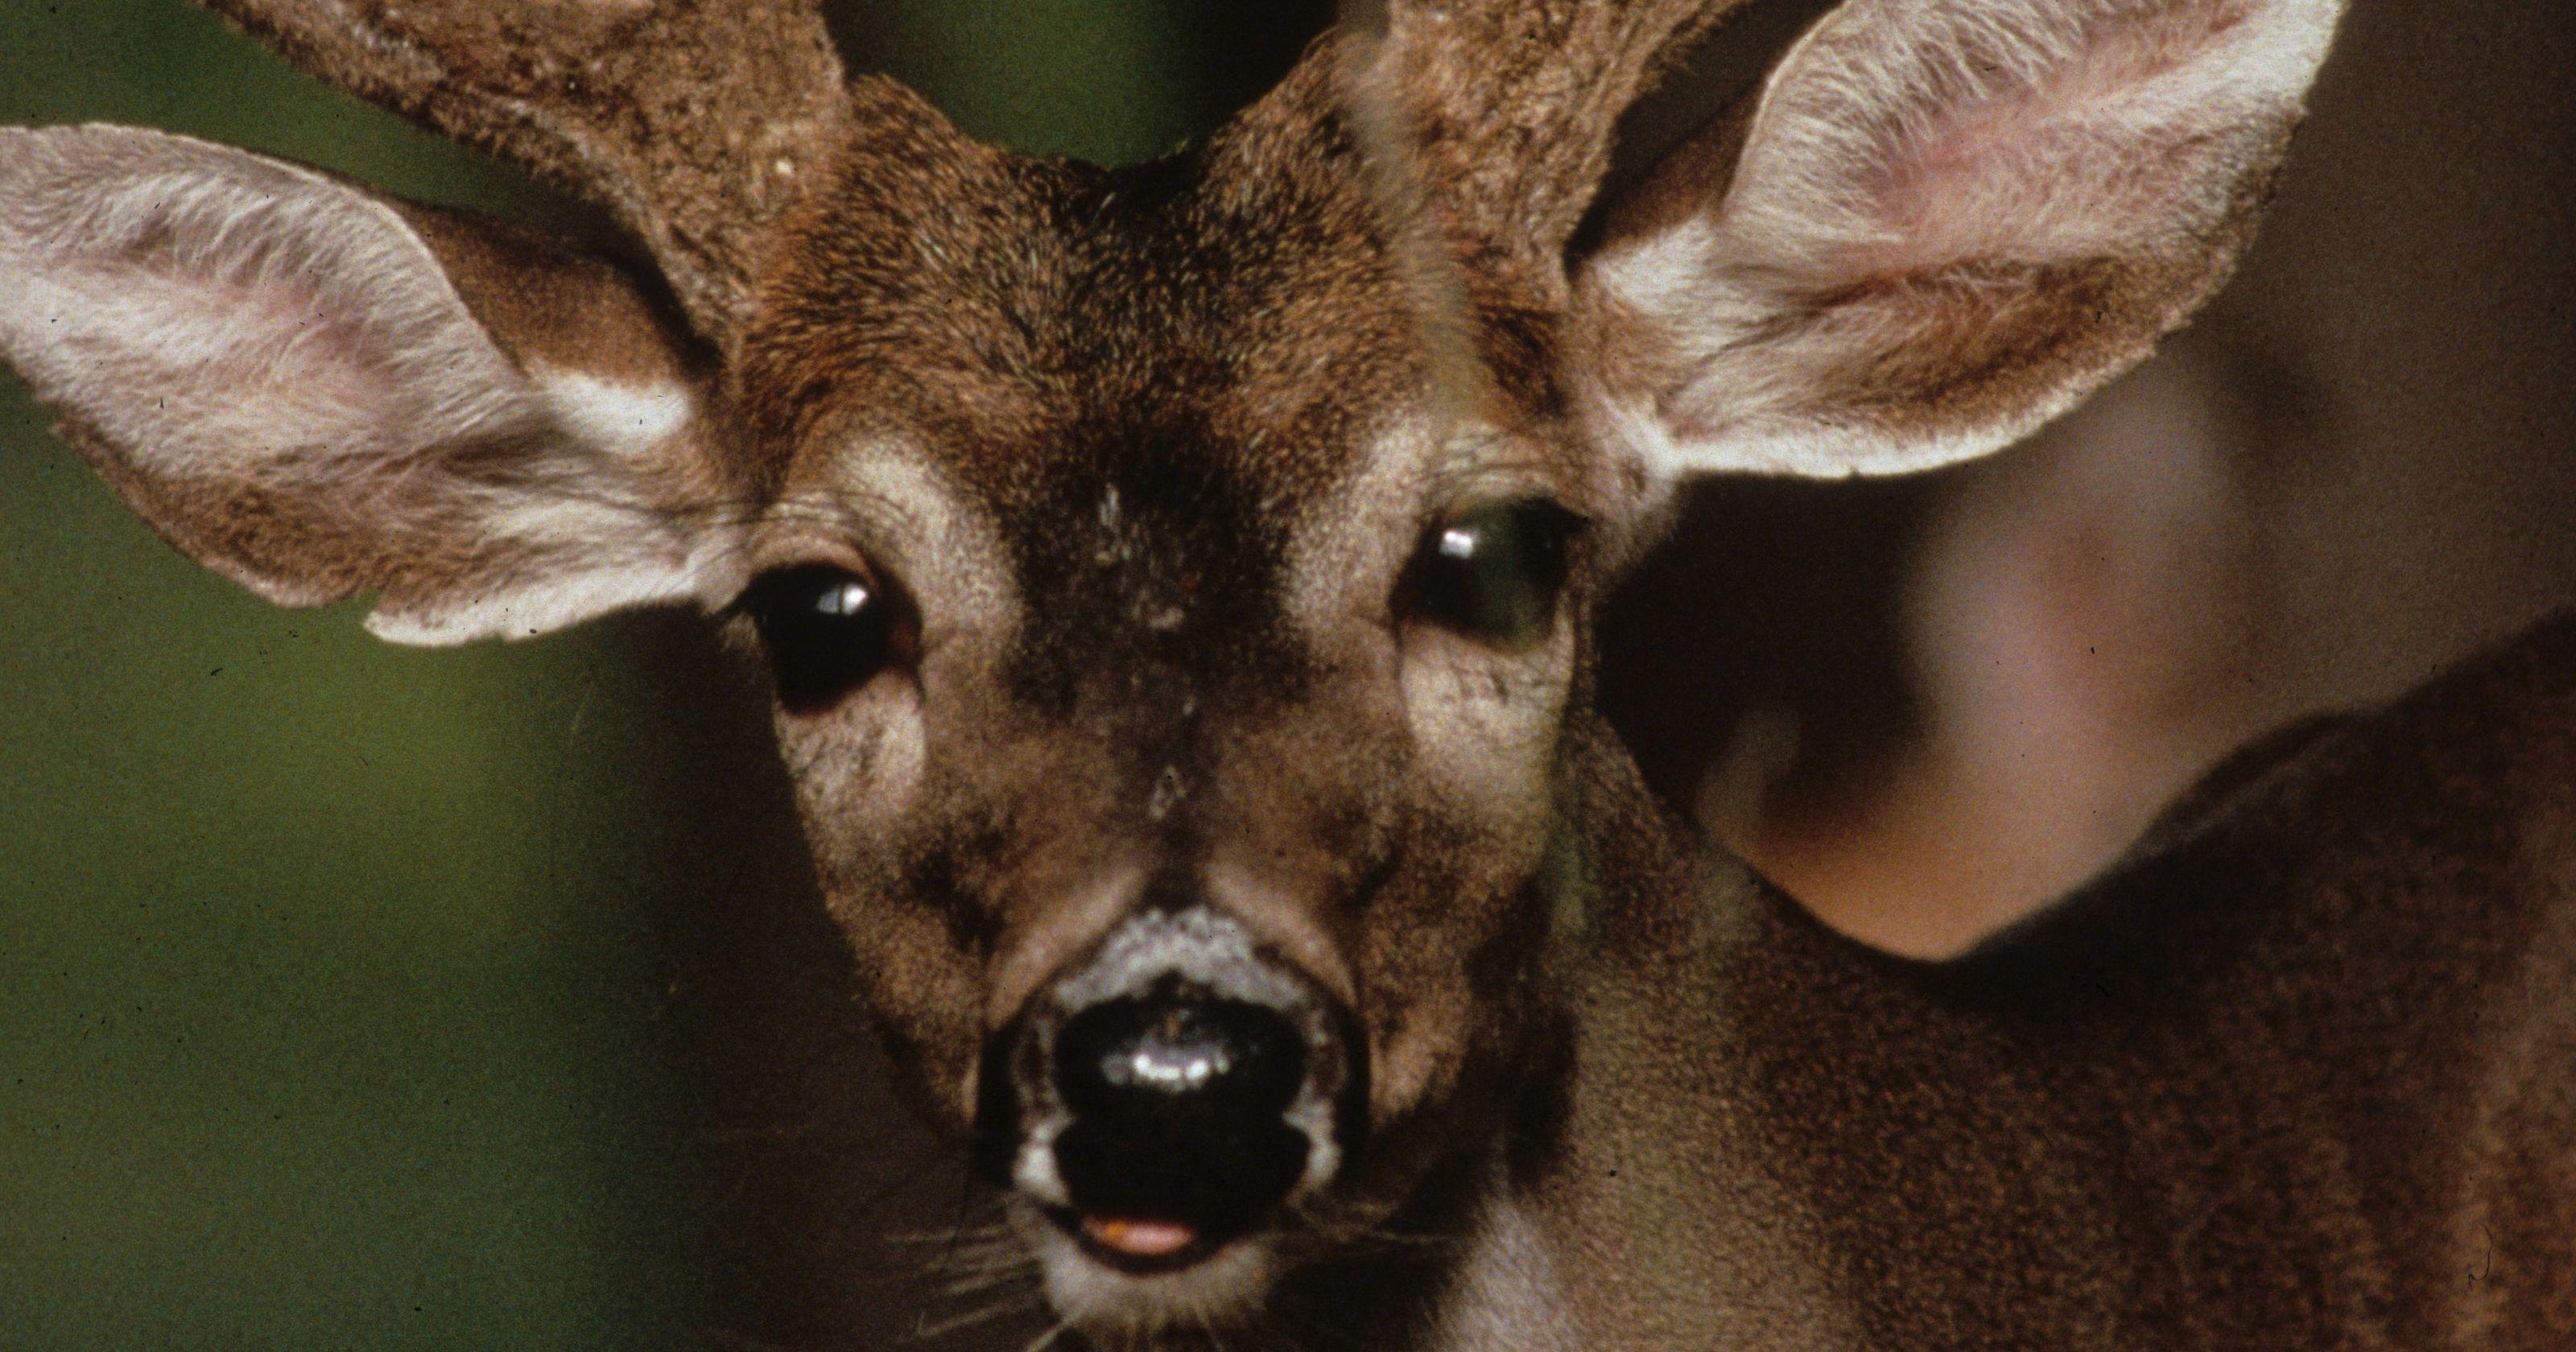 Rabid deer confirmed in Cherokee County